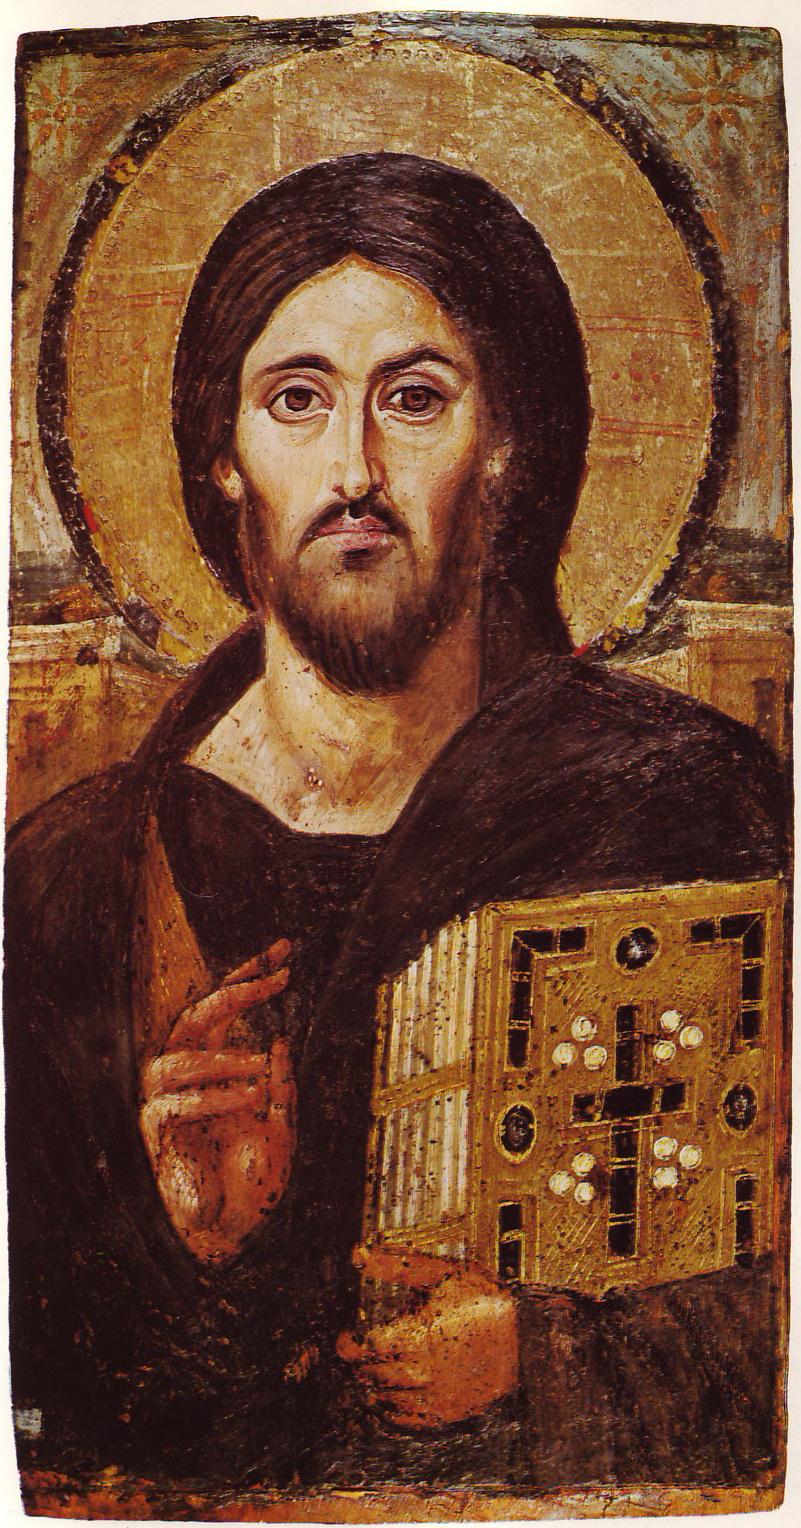 Христос Пантократор из Синайского монастыря (VI век)